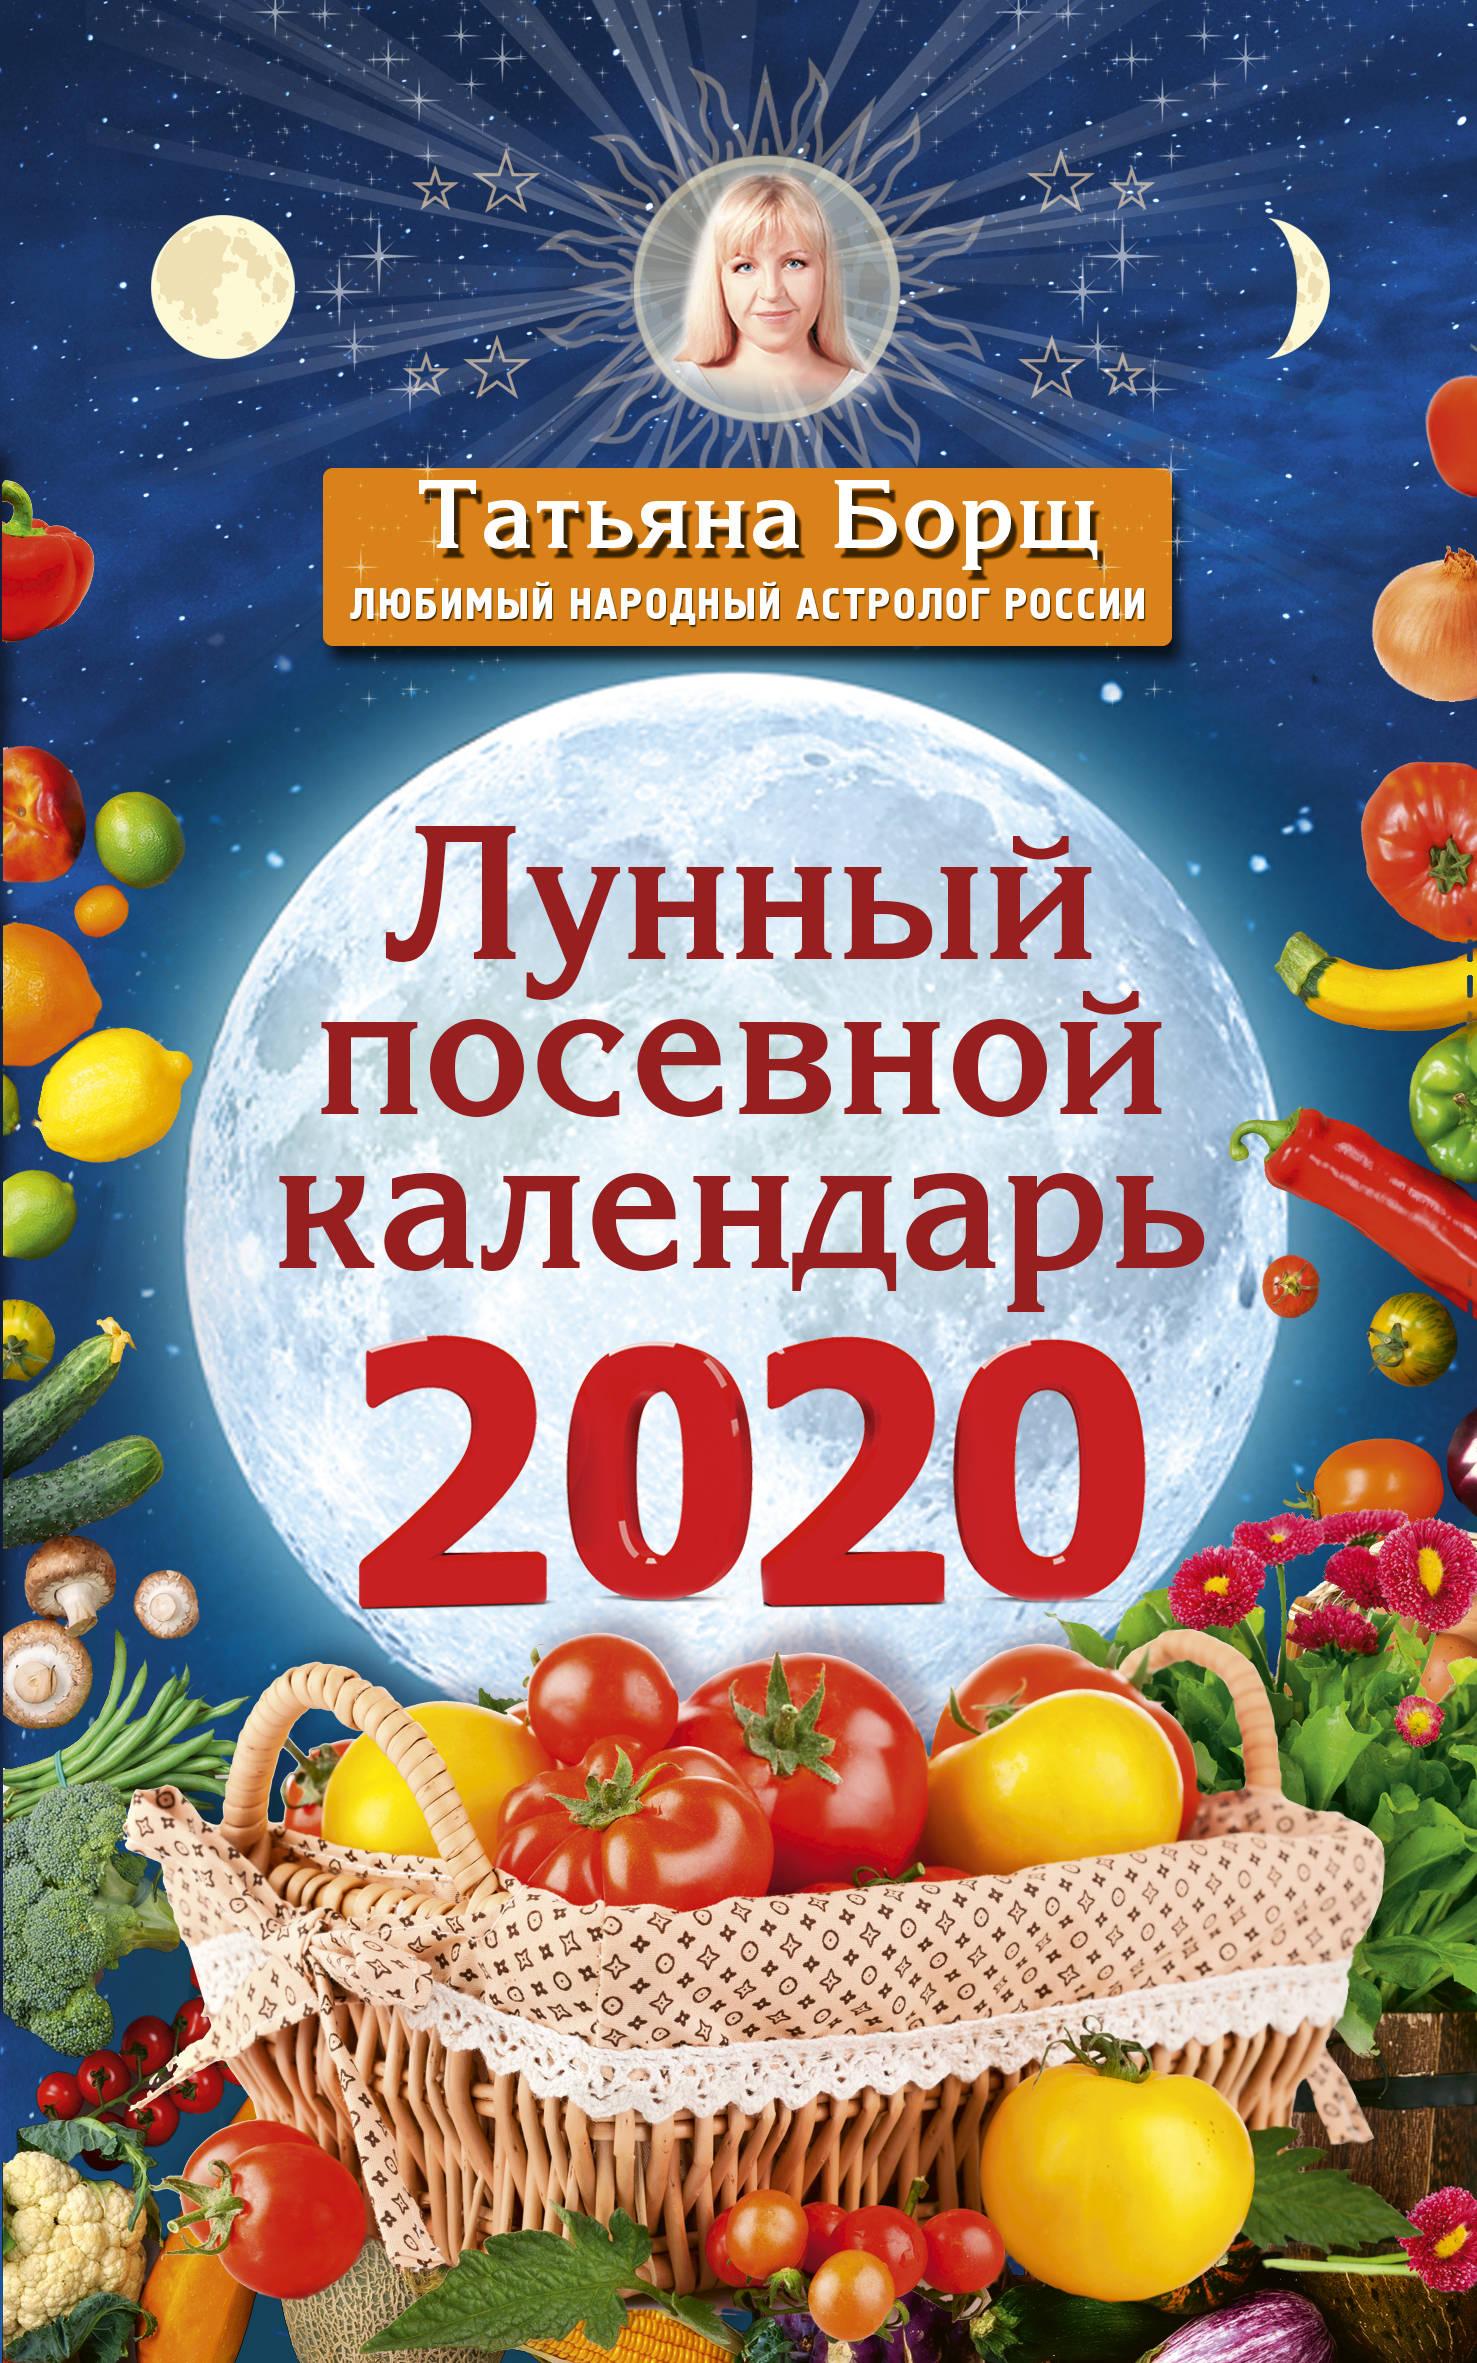 Борщ Т. Лунный посевной календарь на 2020 год борщ т лунный посевной календарь на 2020 год